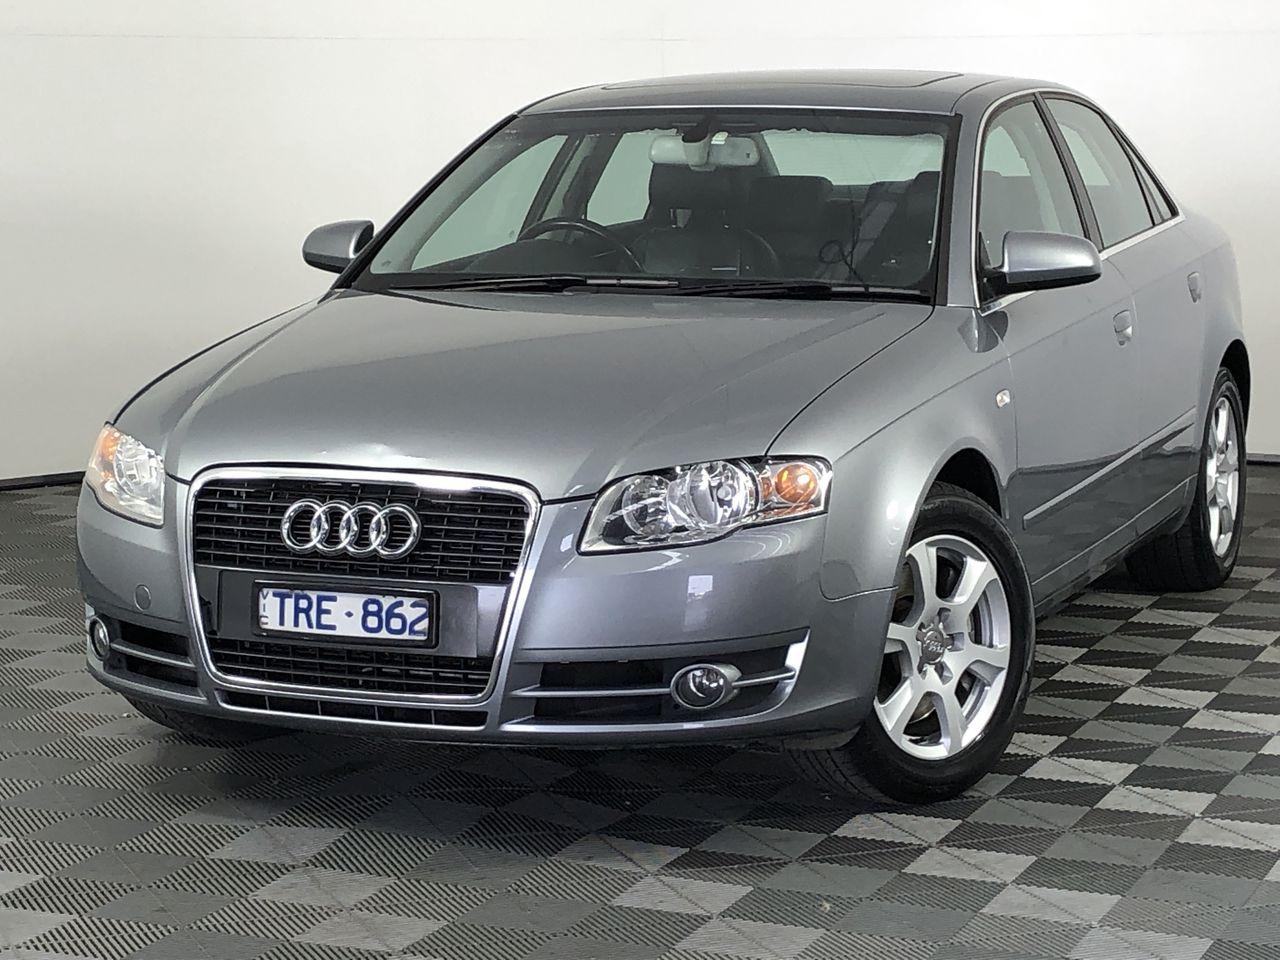 2005 Audi A4 2.0 TFSI B7 CVT Sedan